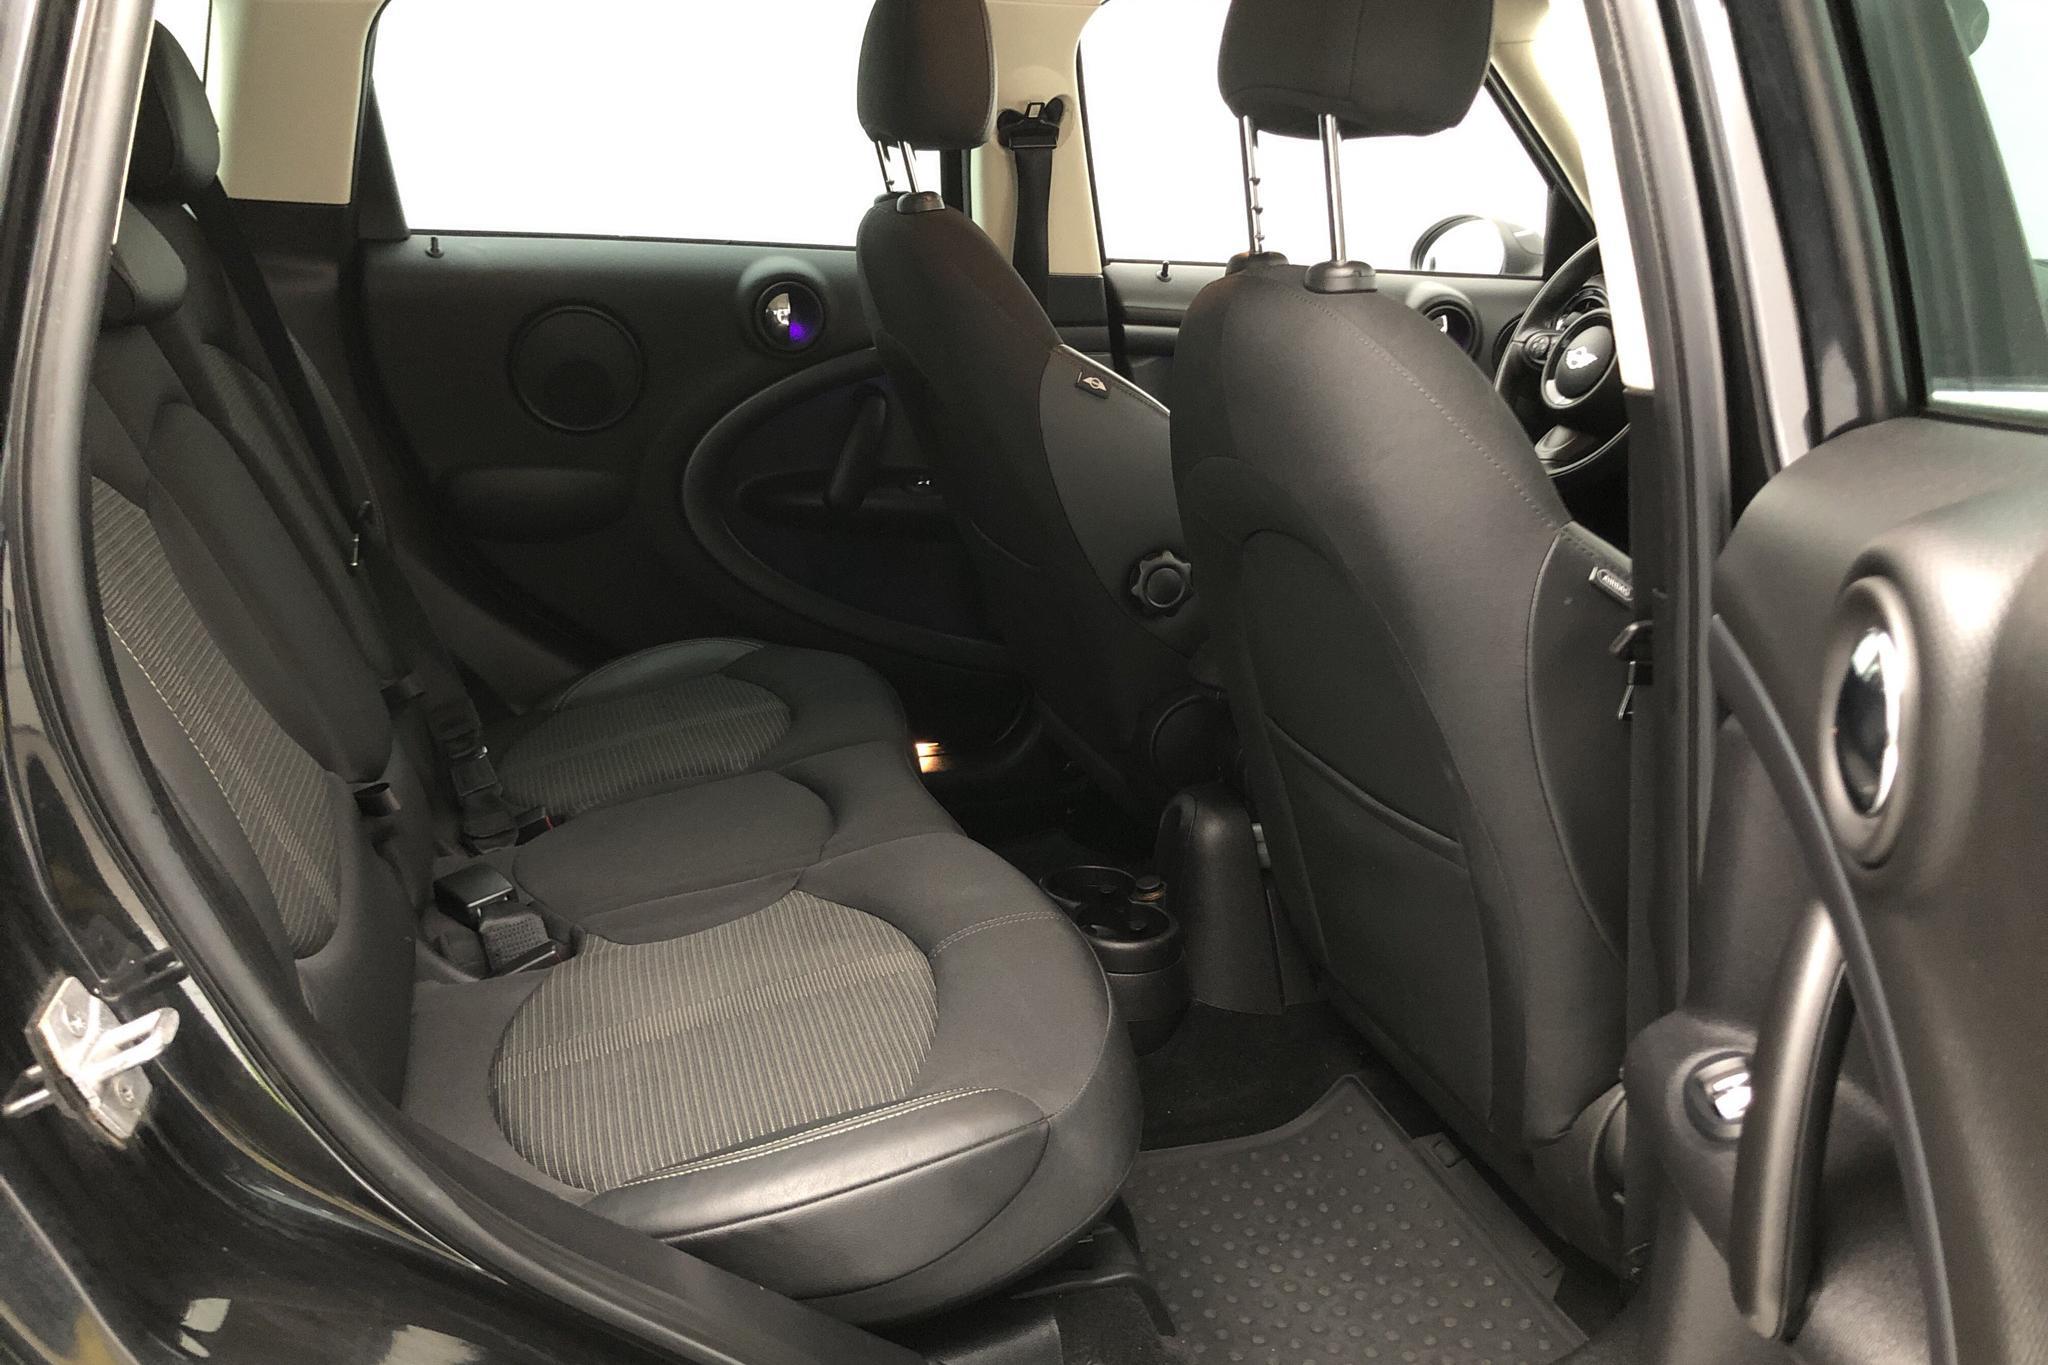 MINI Cooper SD ALL4 Countryman (143hk) - 77 560 km - Automatic - black - 2016